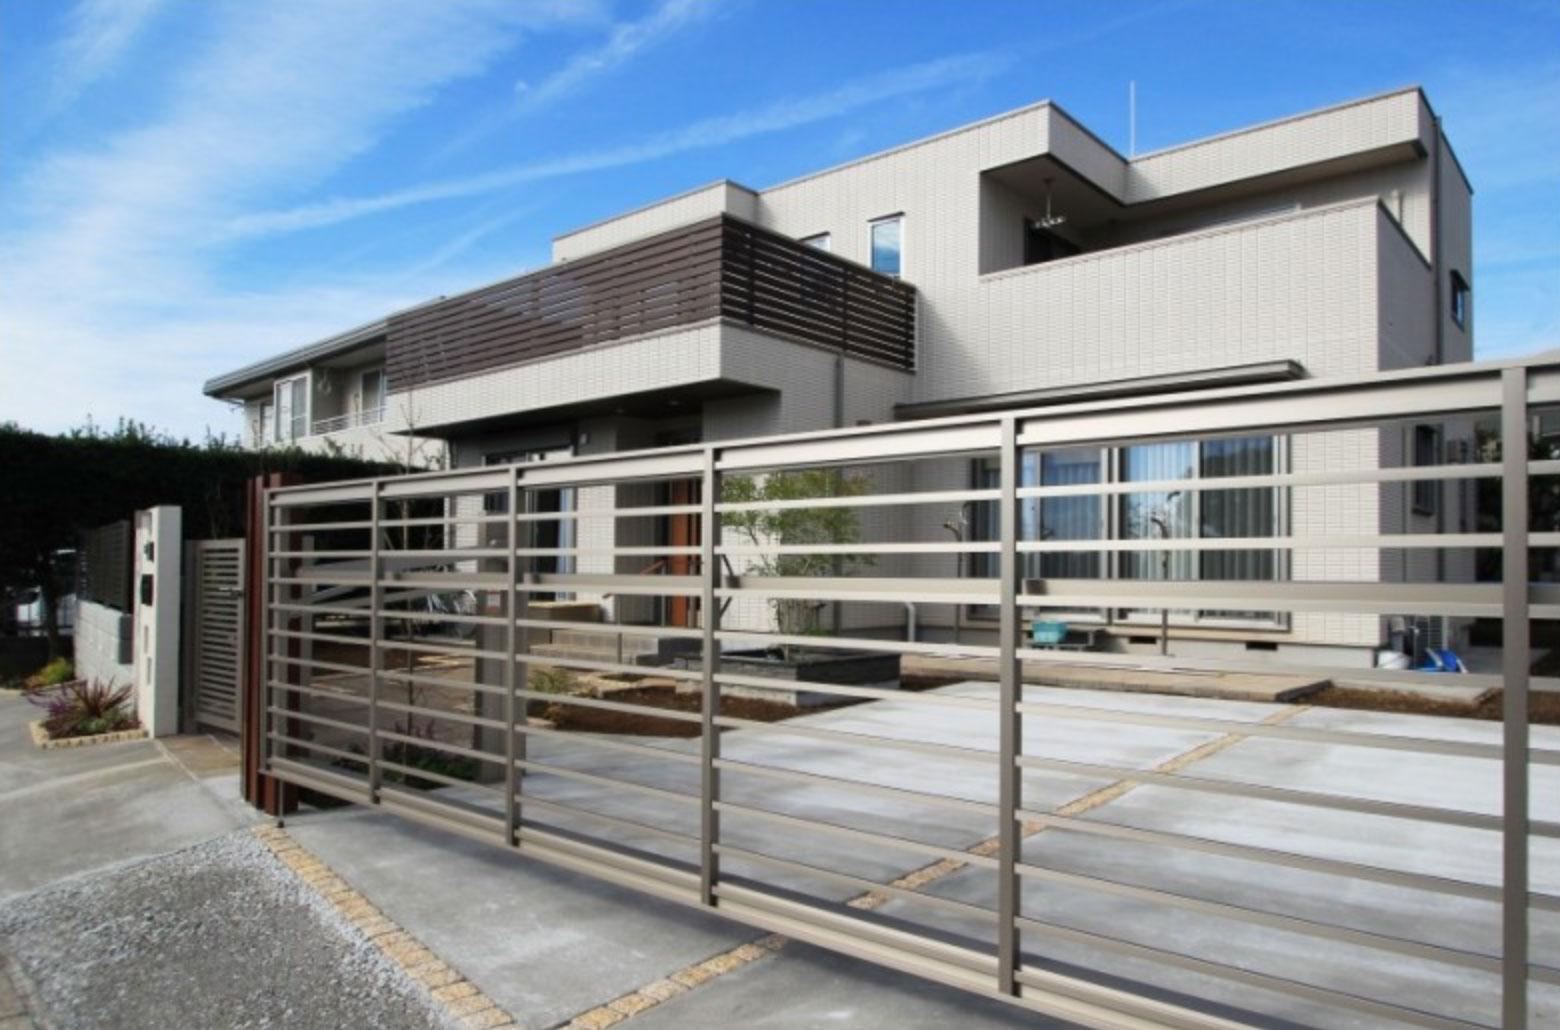 水平線を基調に石畳のアプローチとガラスブロックの素敵なハーモニー。千葉市。12